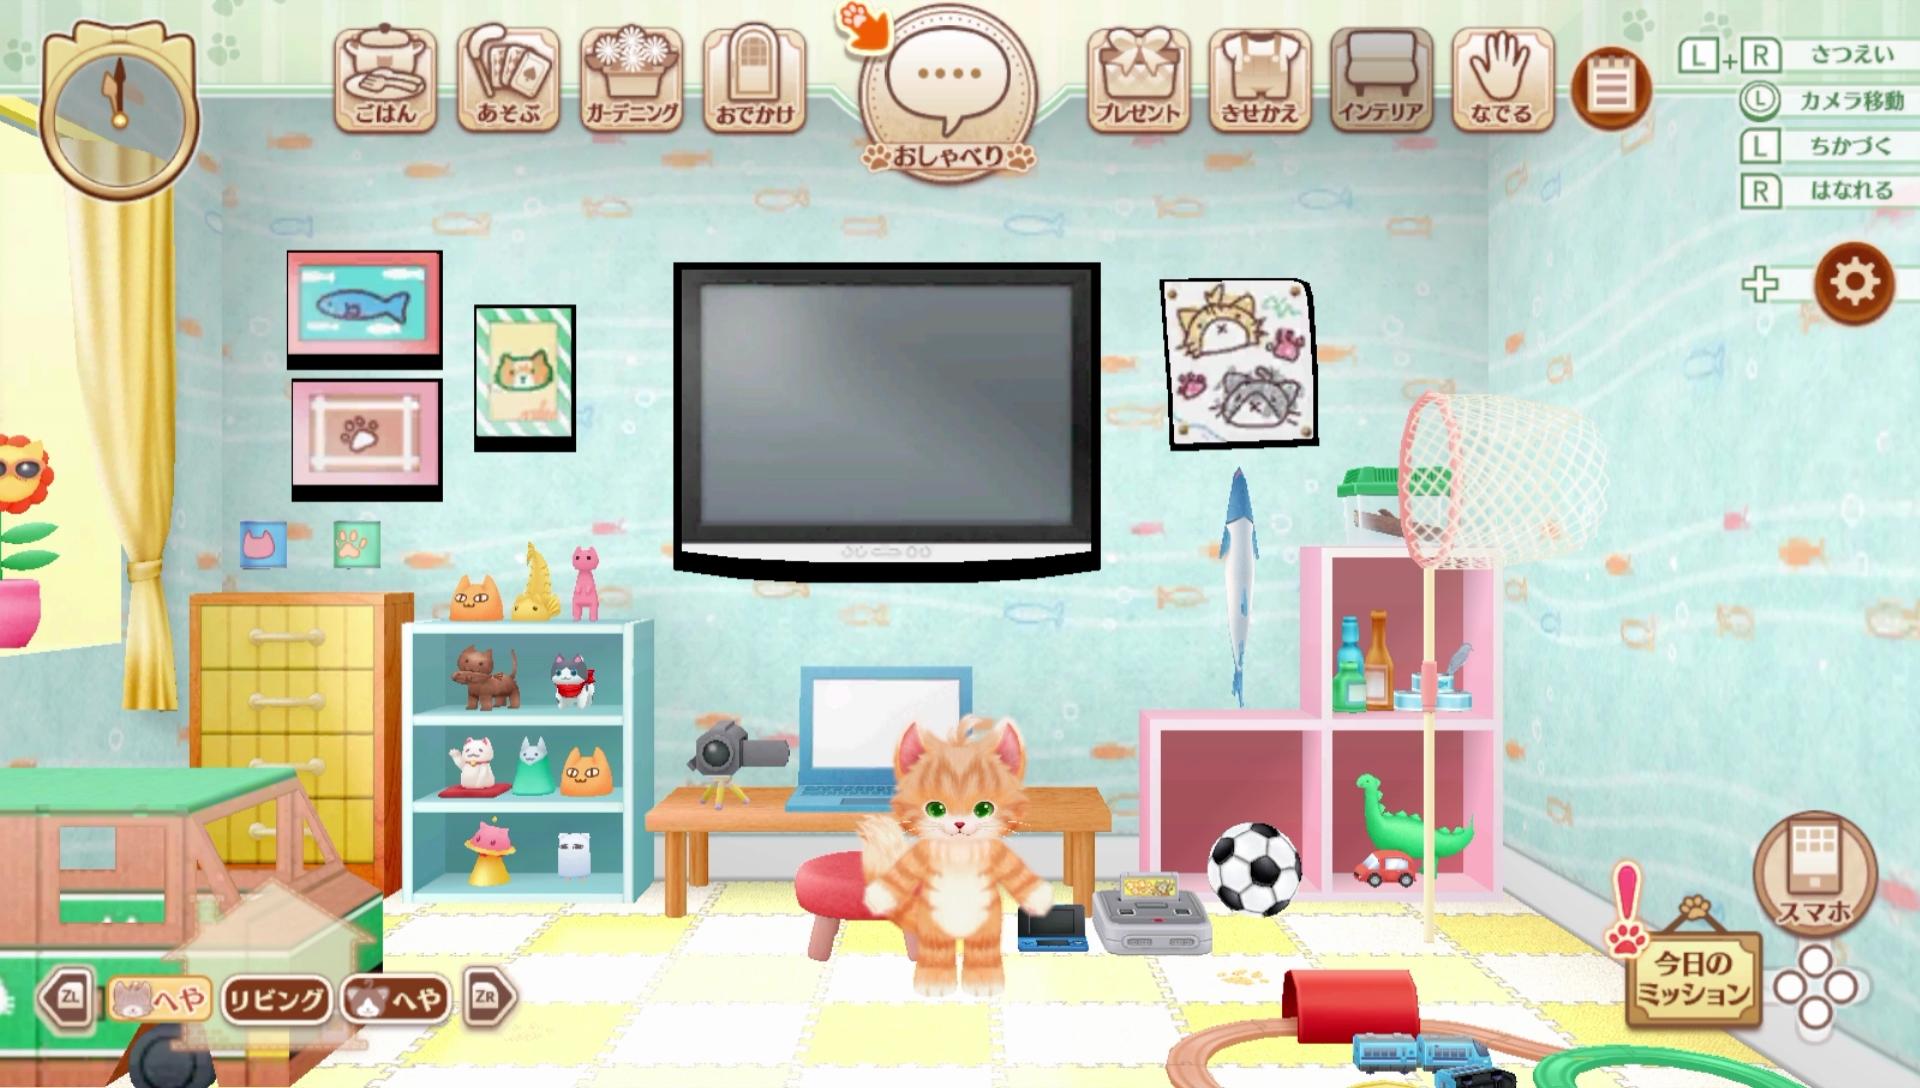 ネコ達の部屋は、プレゼントしたアイテムが飾られていき、どんどん豪華な部屋に